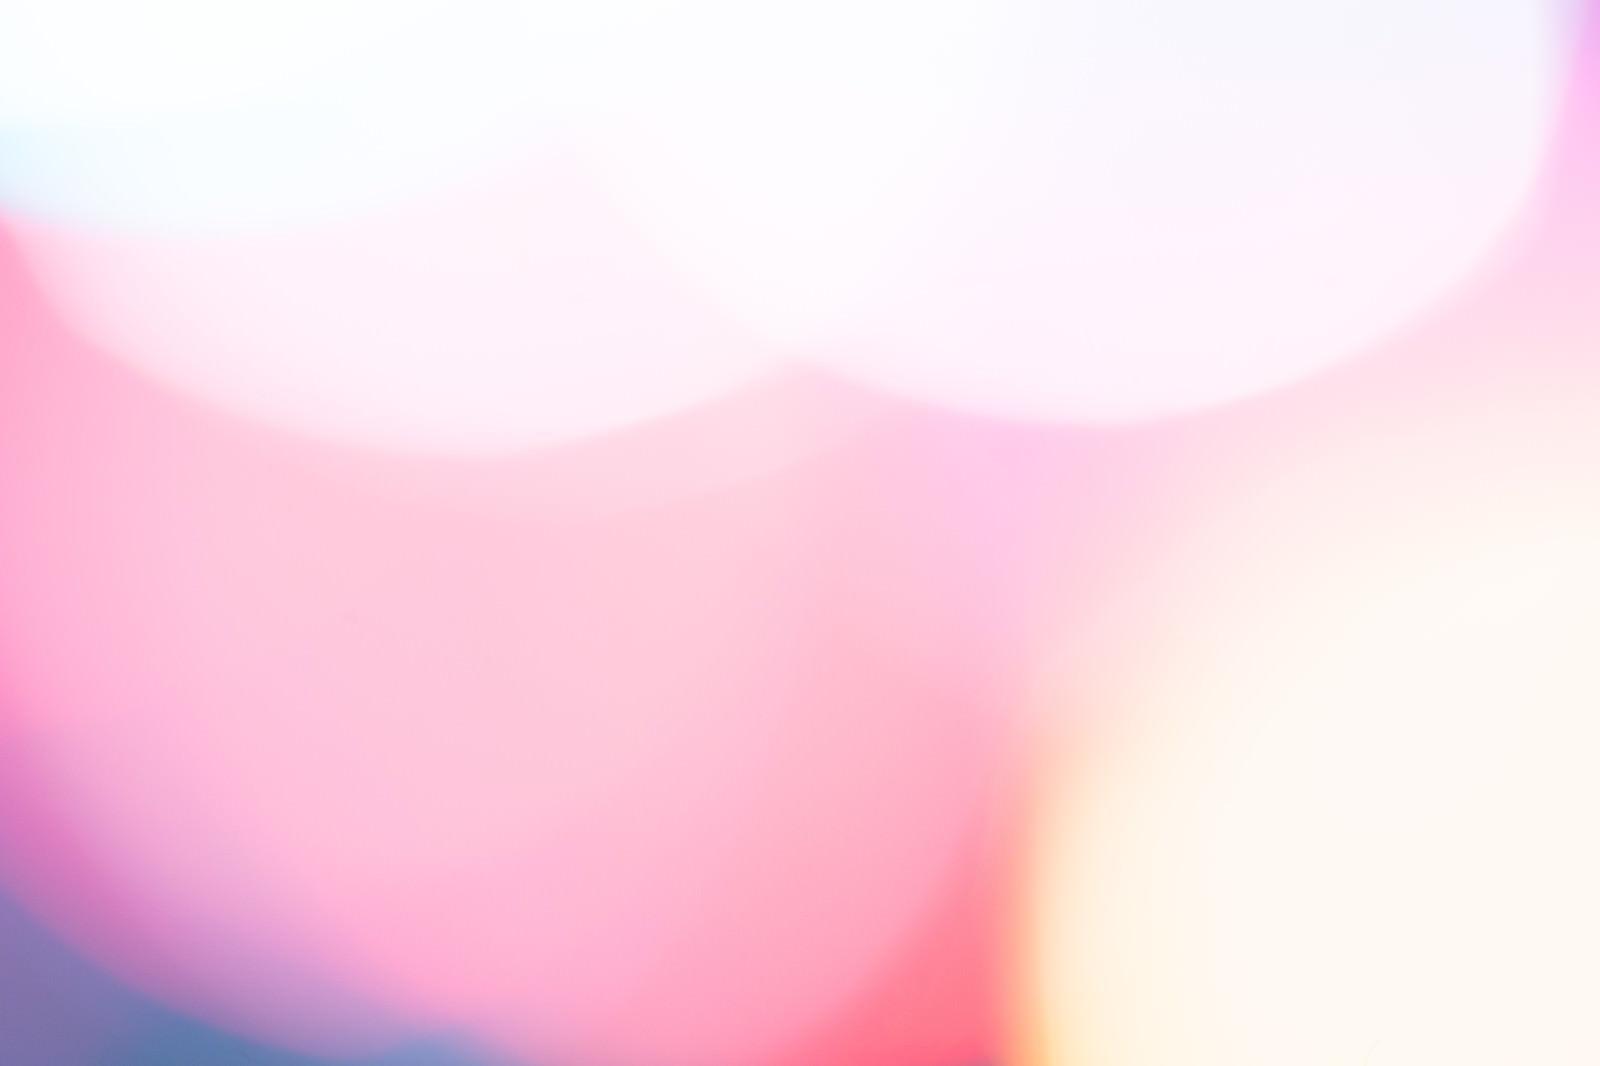 「暖色のボケた光」の写真